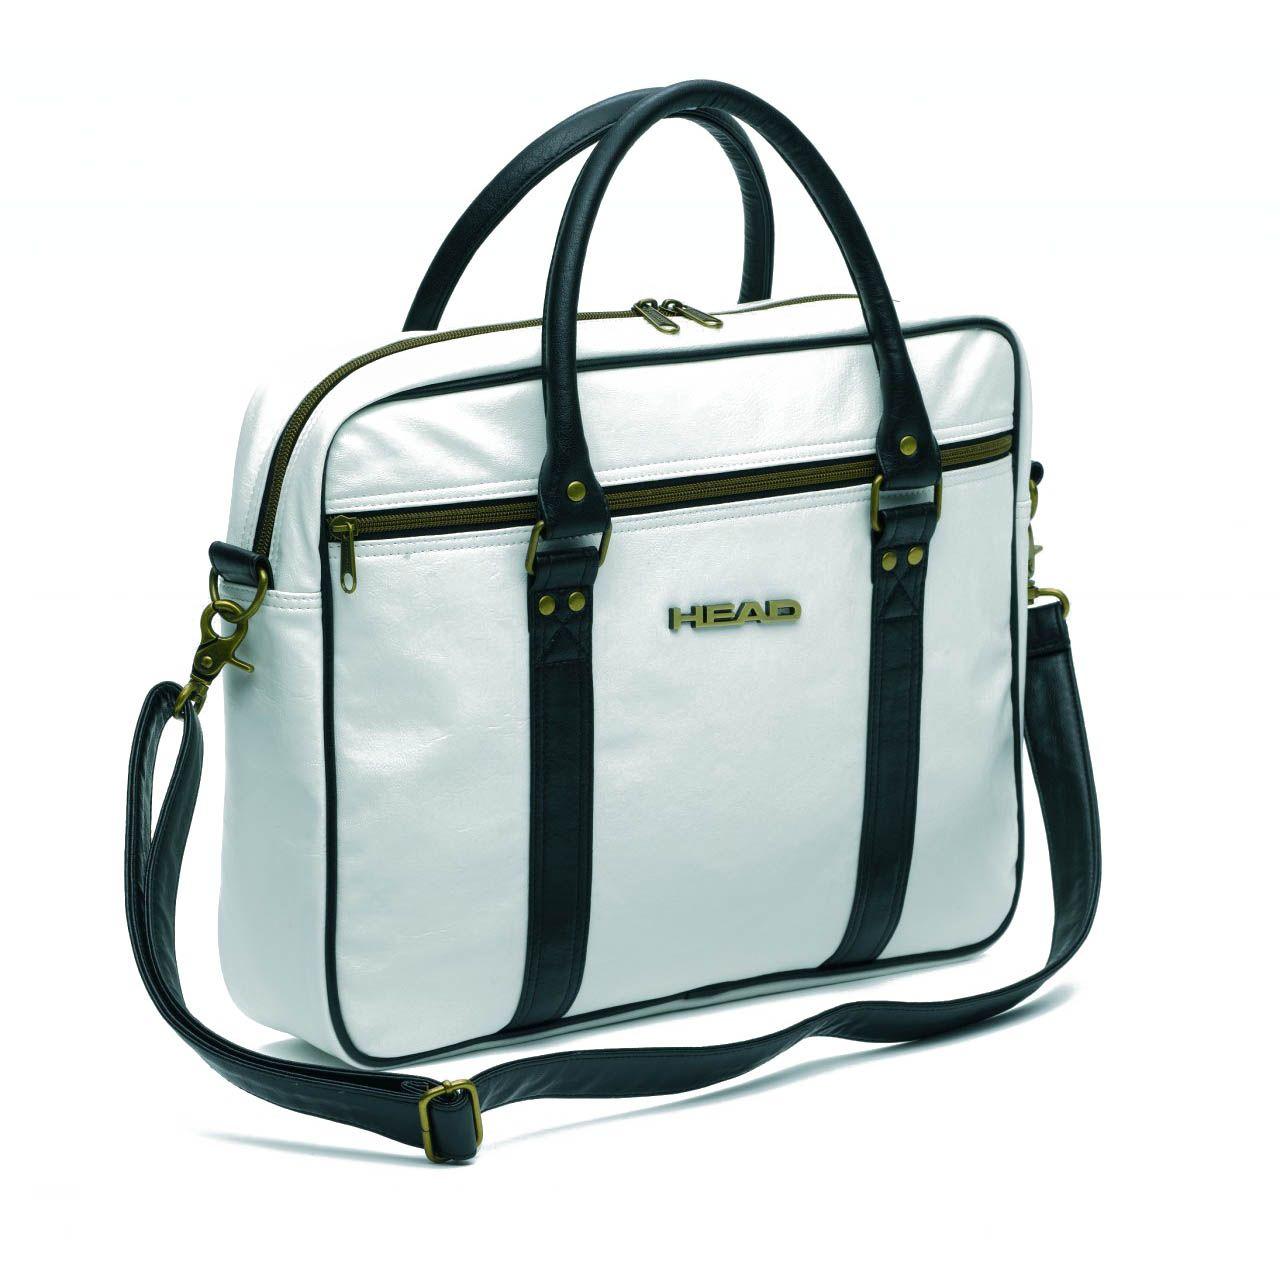 Head Tennis Bag >> Head Travel Laptop Bag